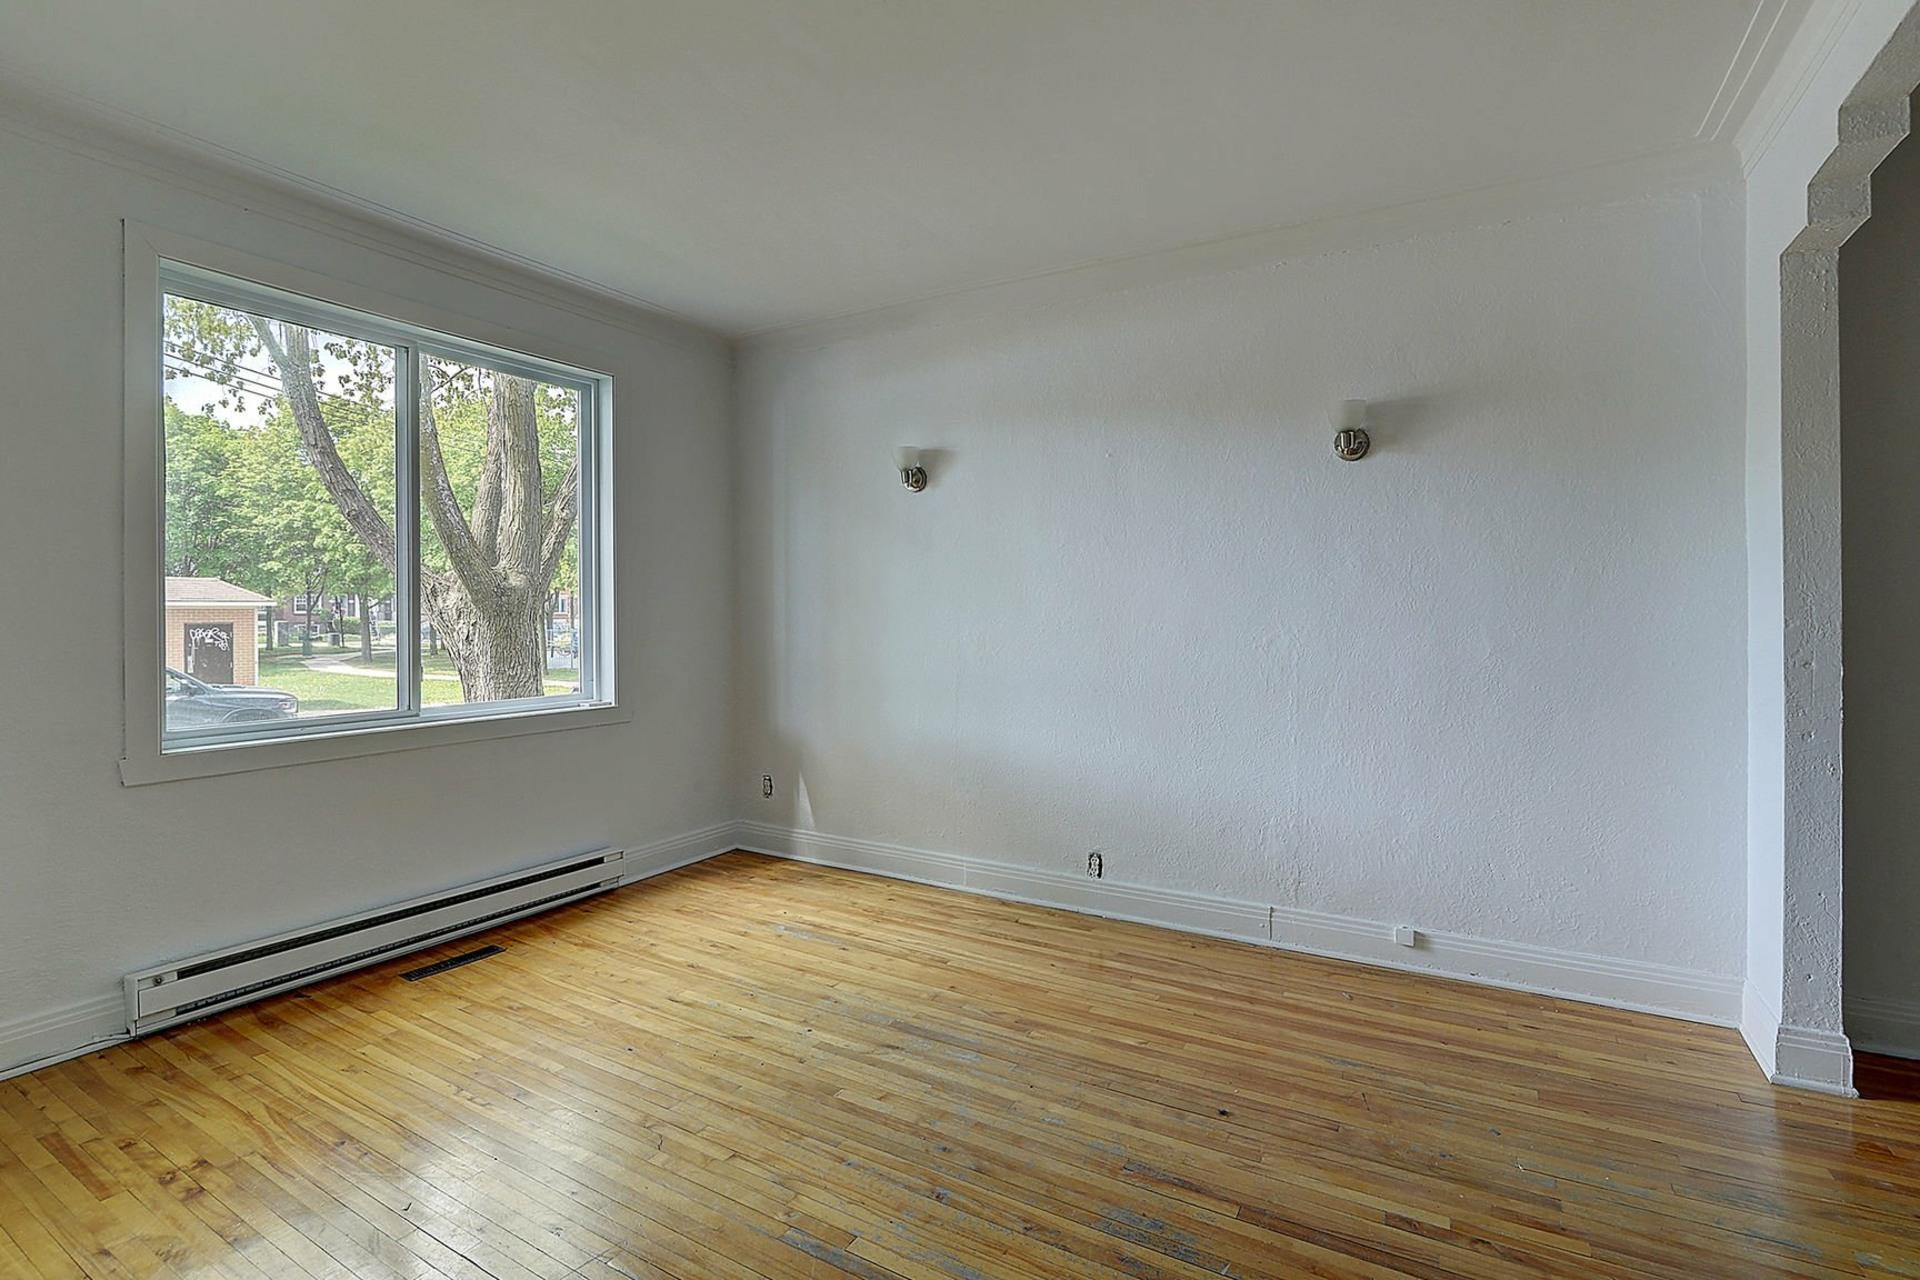 image 7 - Duplex For sale Verdun/Île-des-Soeurs Montréal  - 5 rooms